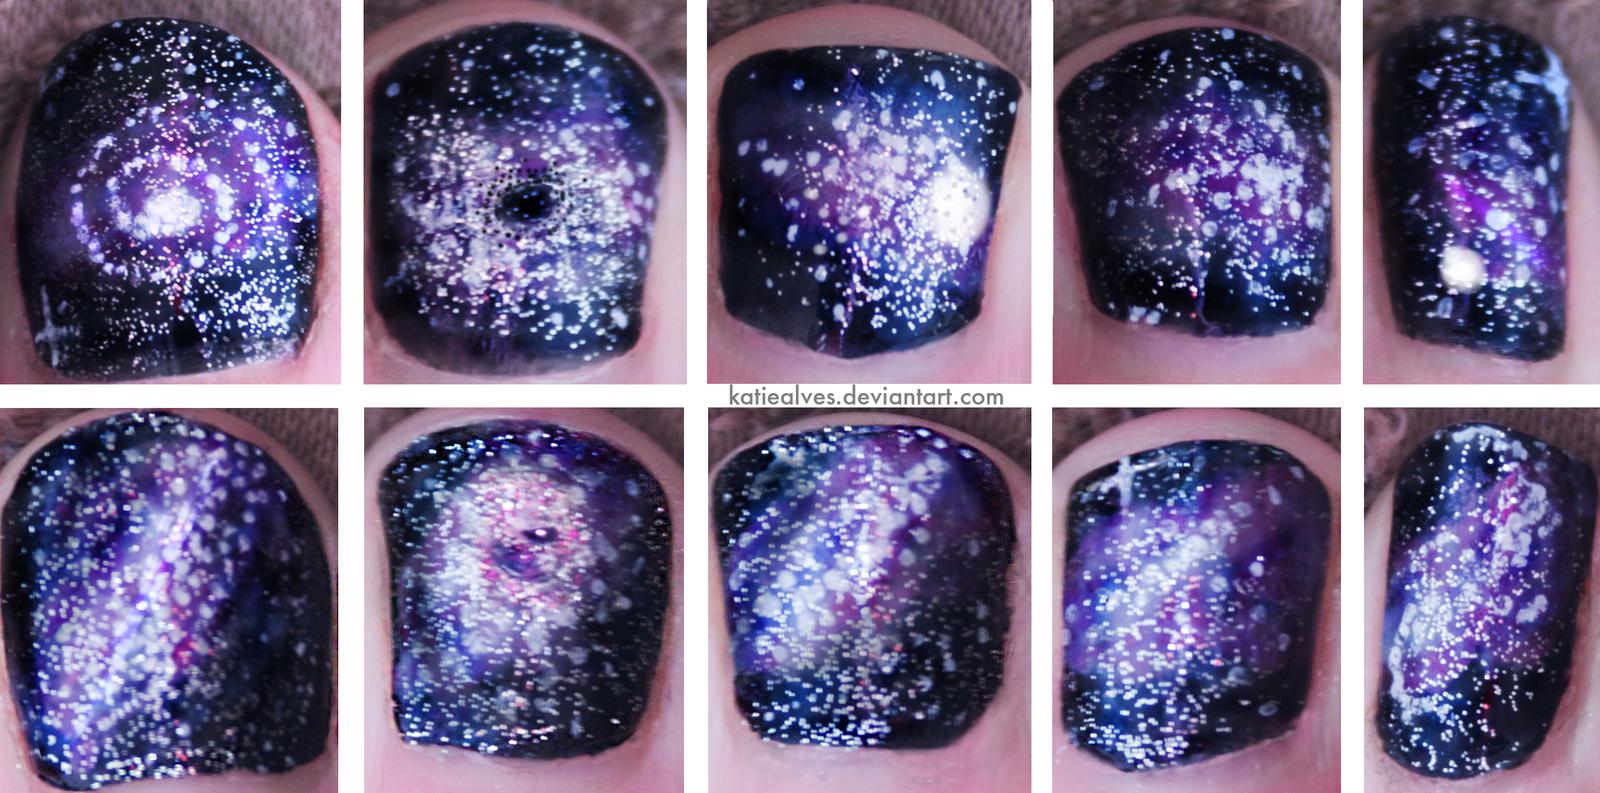 Как сделать фото с космосом